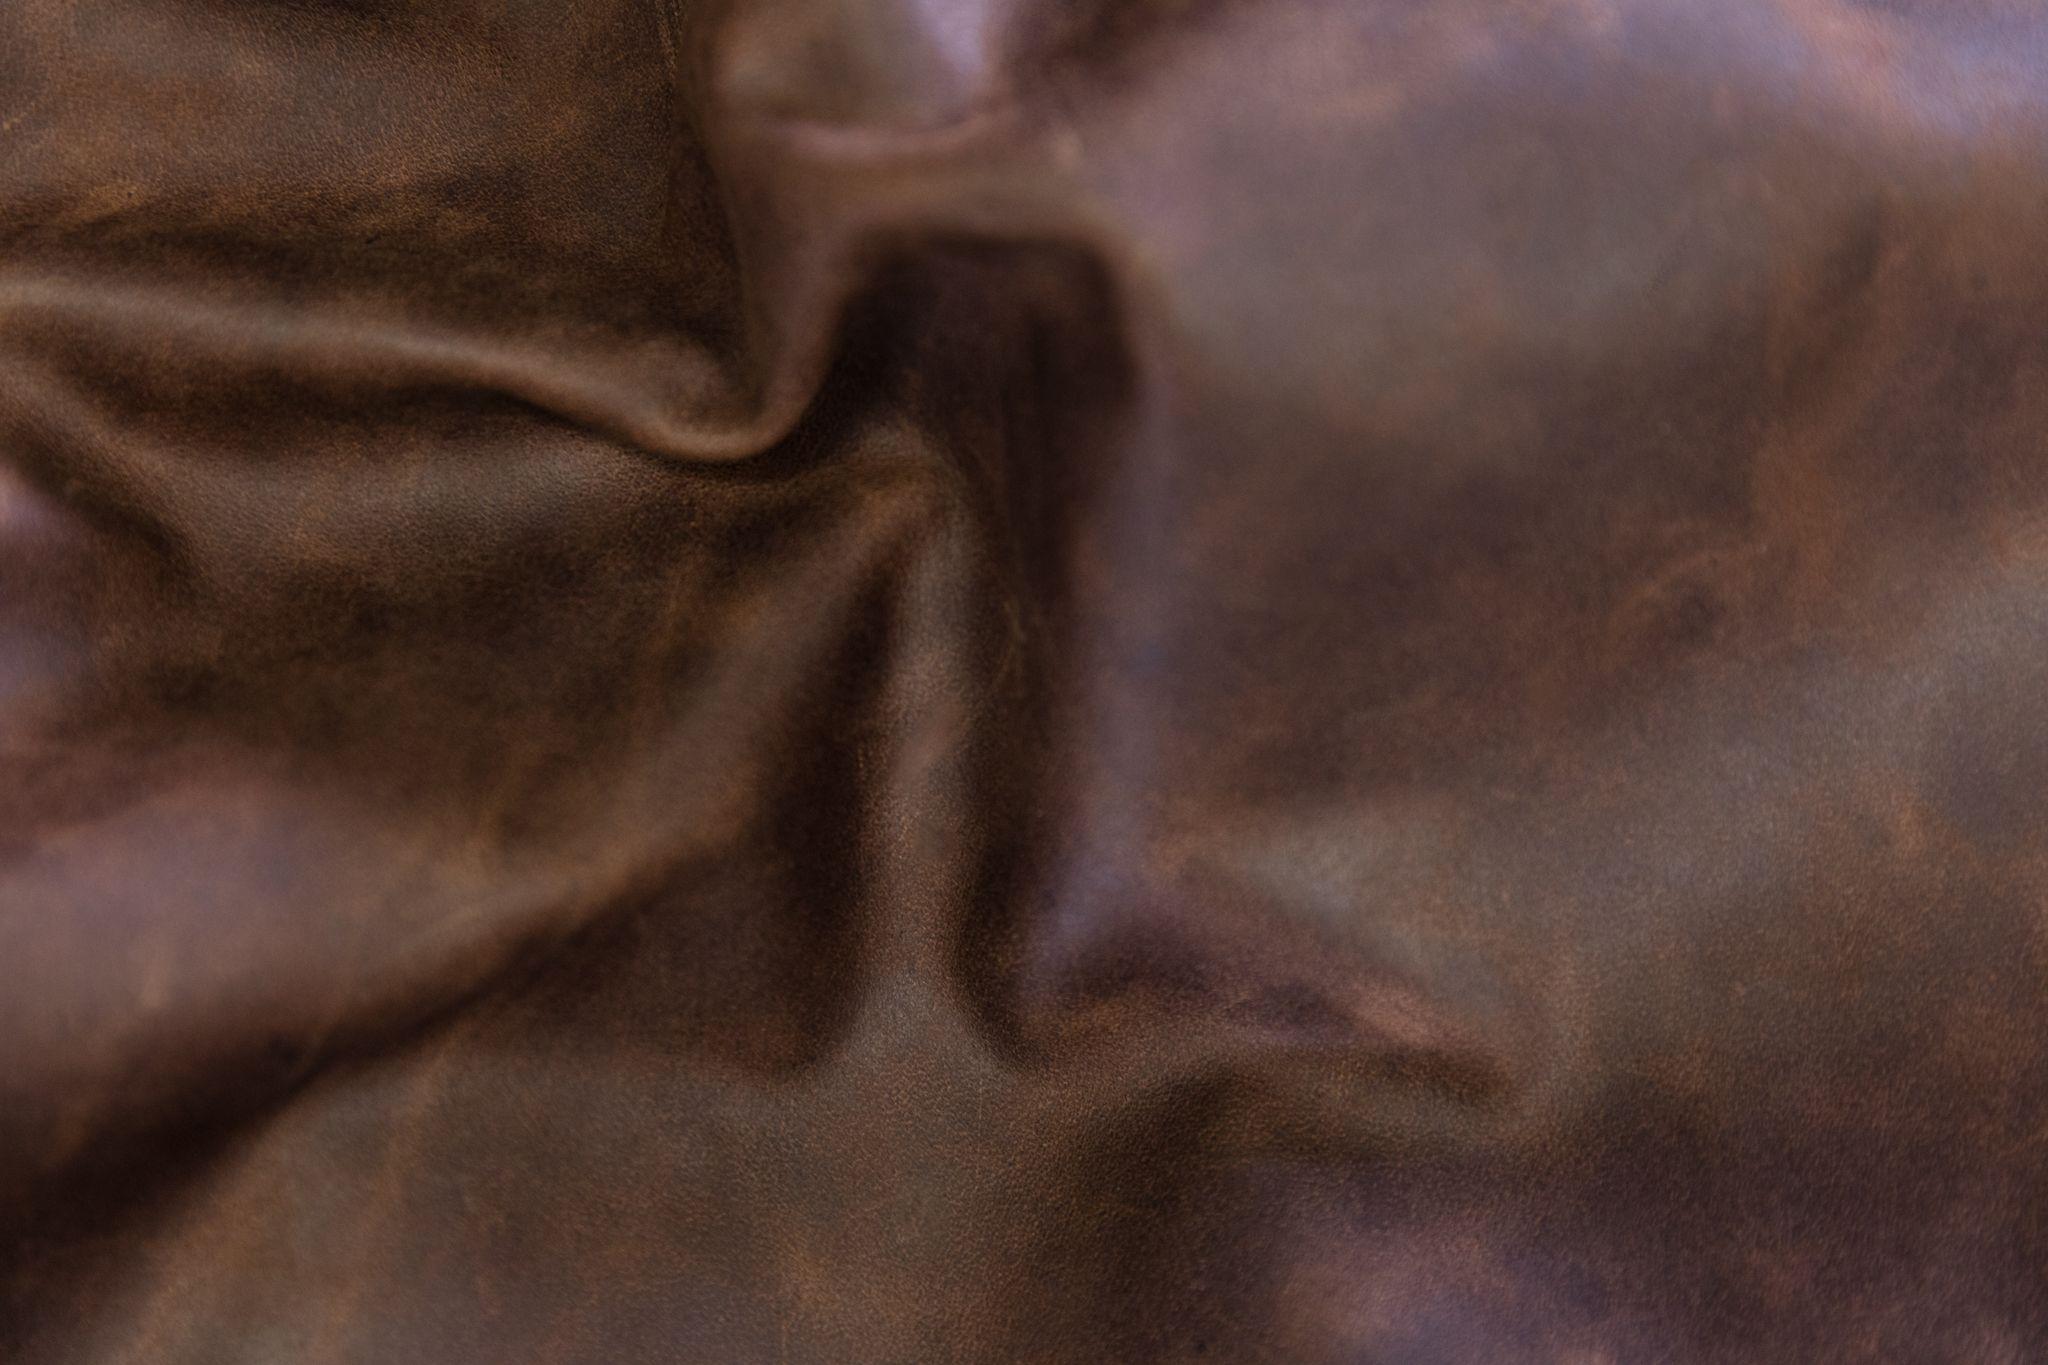 dettaglio pelle ontario